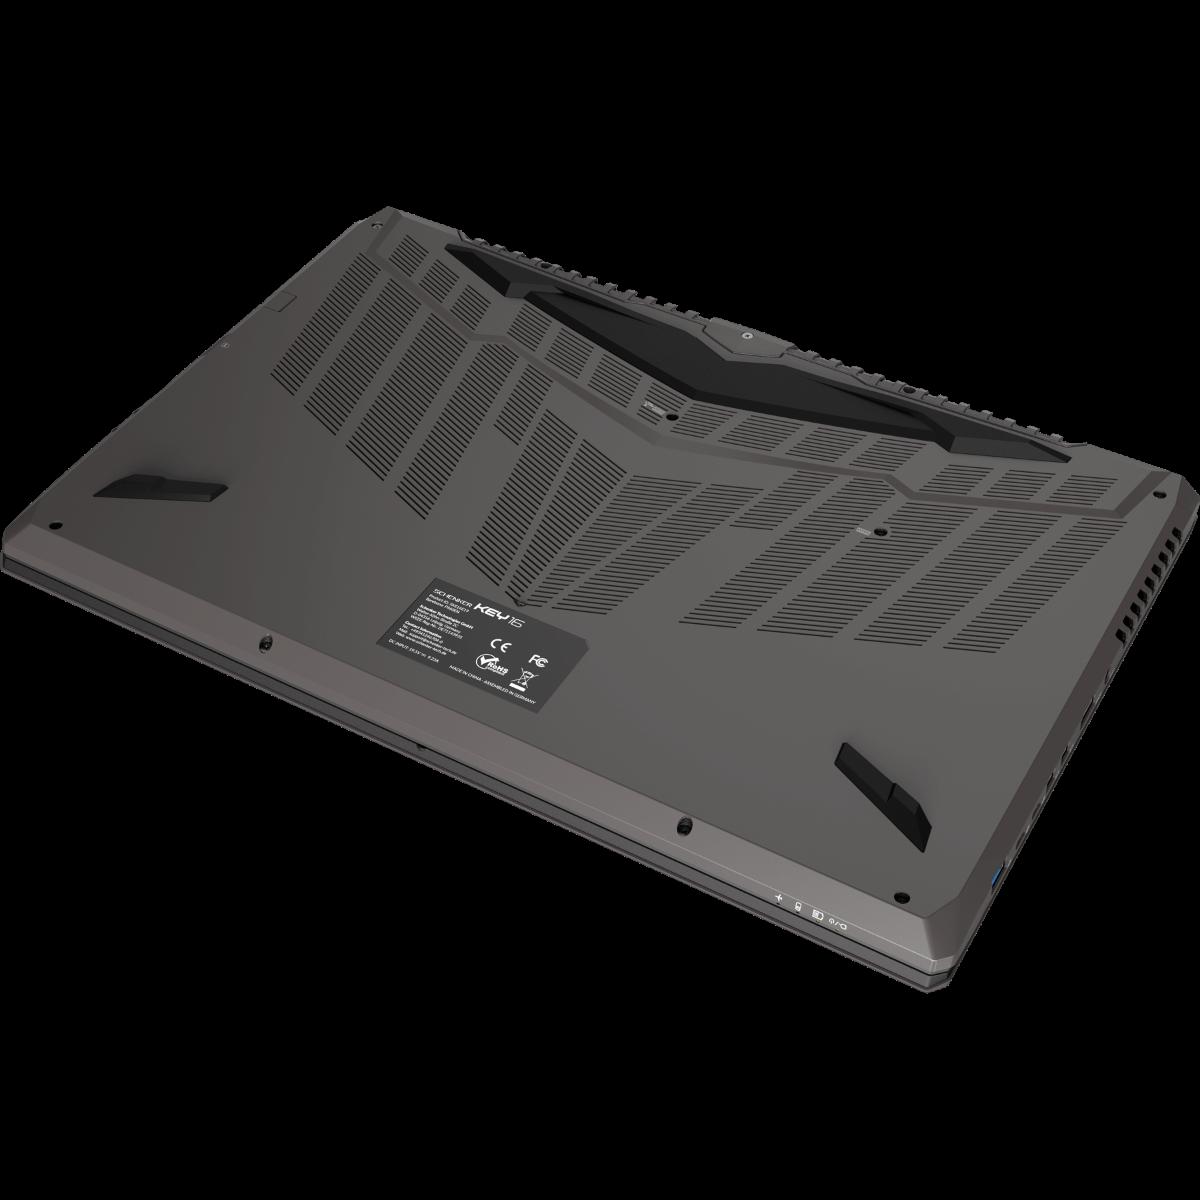 AI-Station und AI-Laptop: Schenker bietet konfigurierbare Linux-Workstations an - Schenker AI-Laptop (Bild: Schenker)